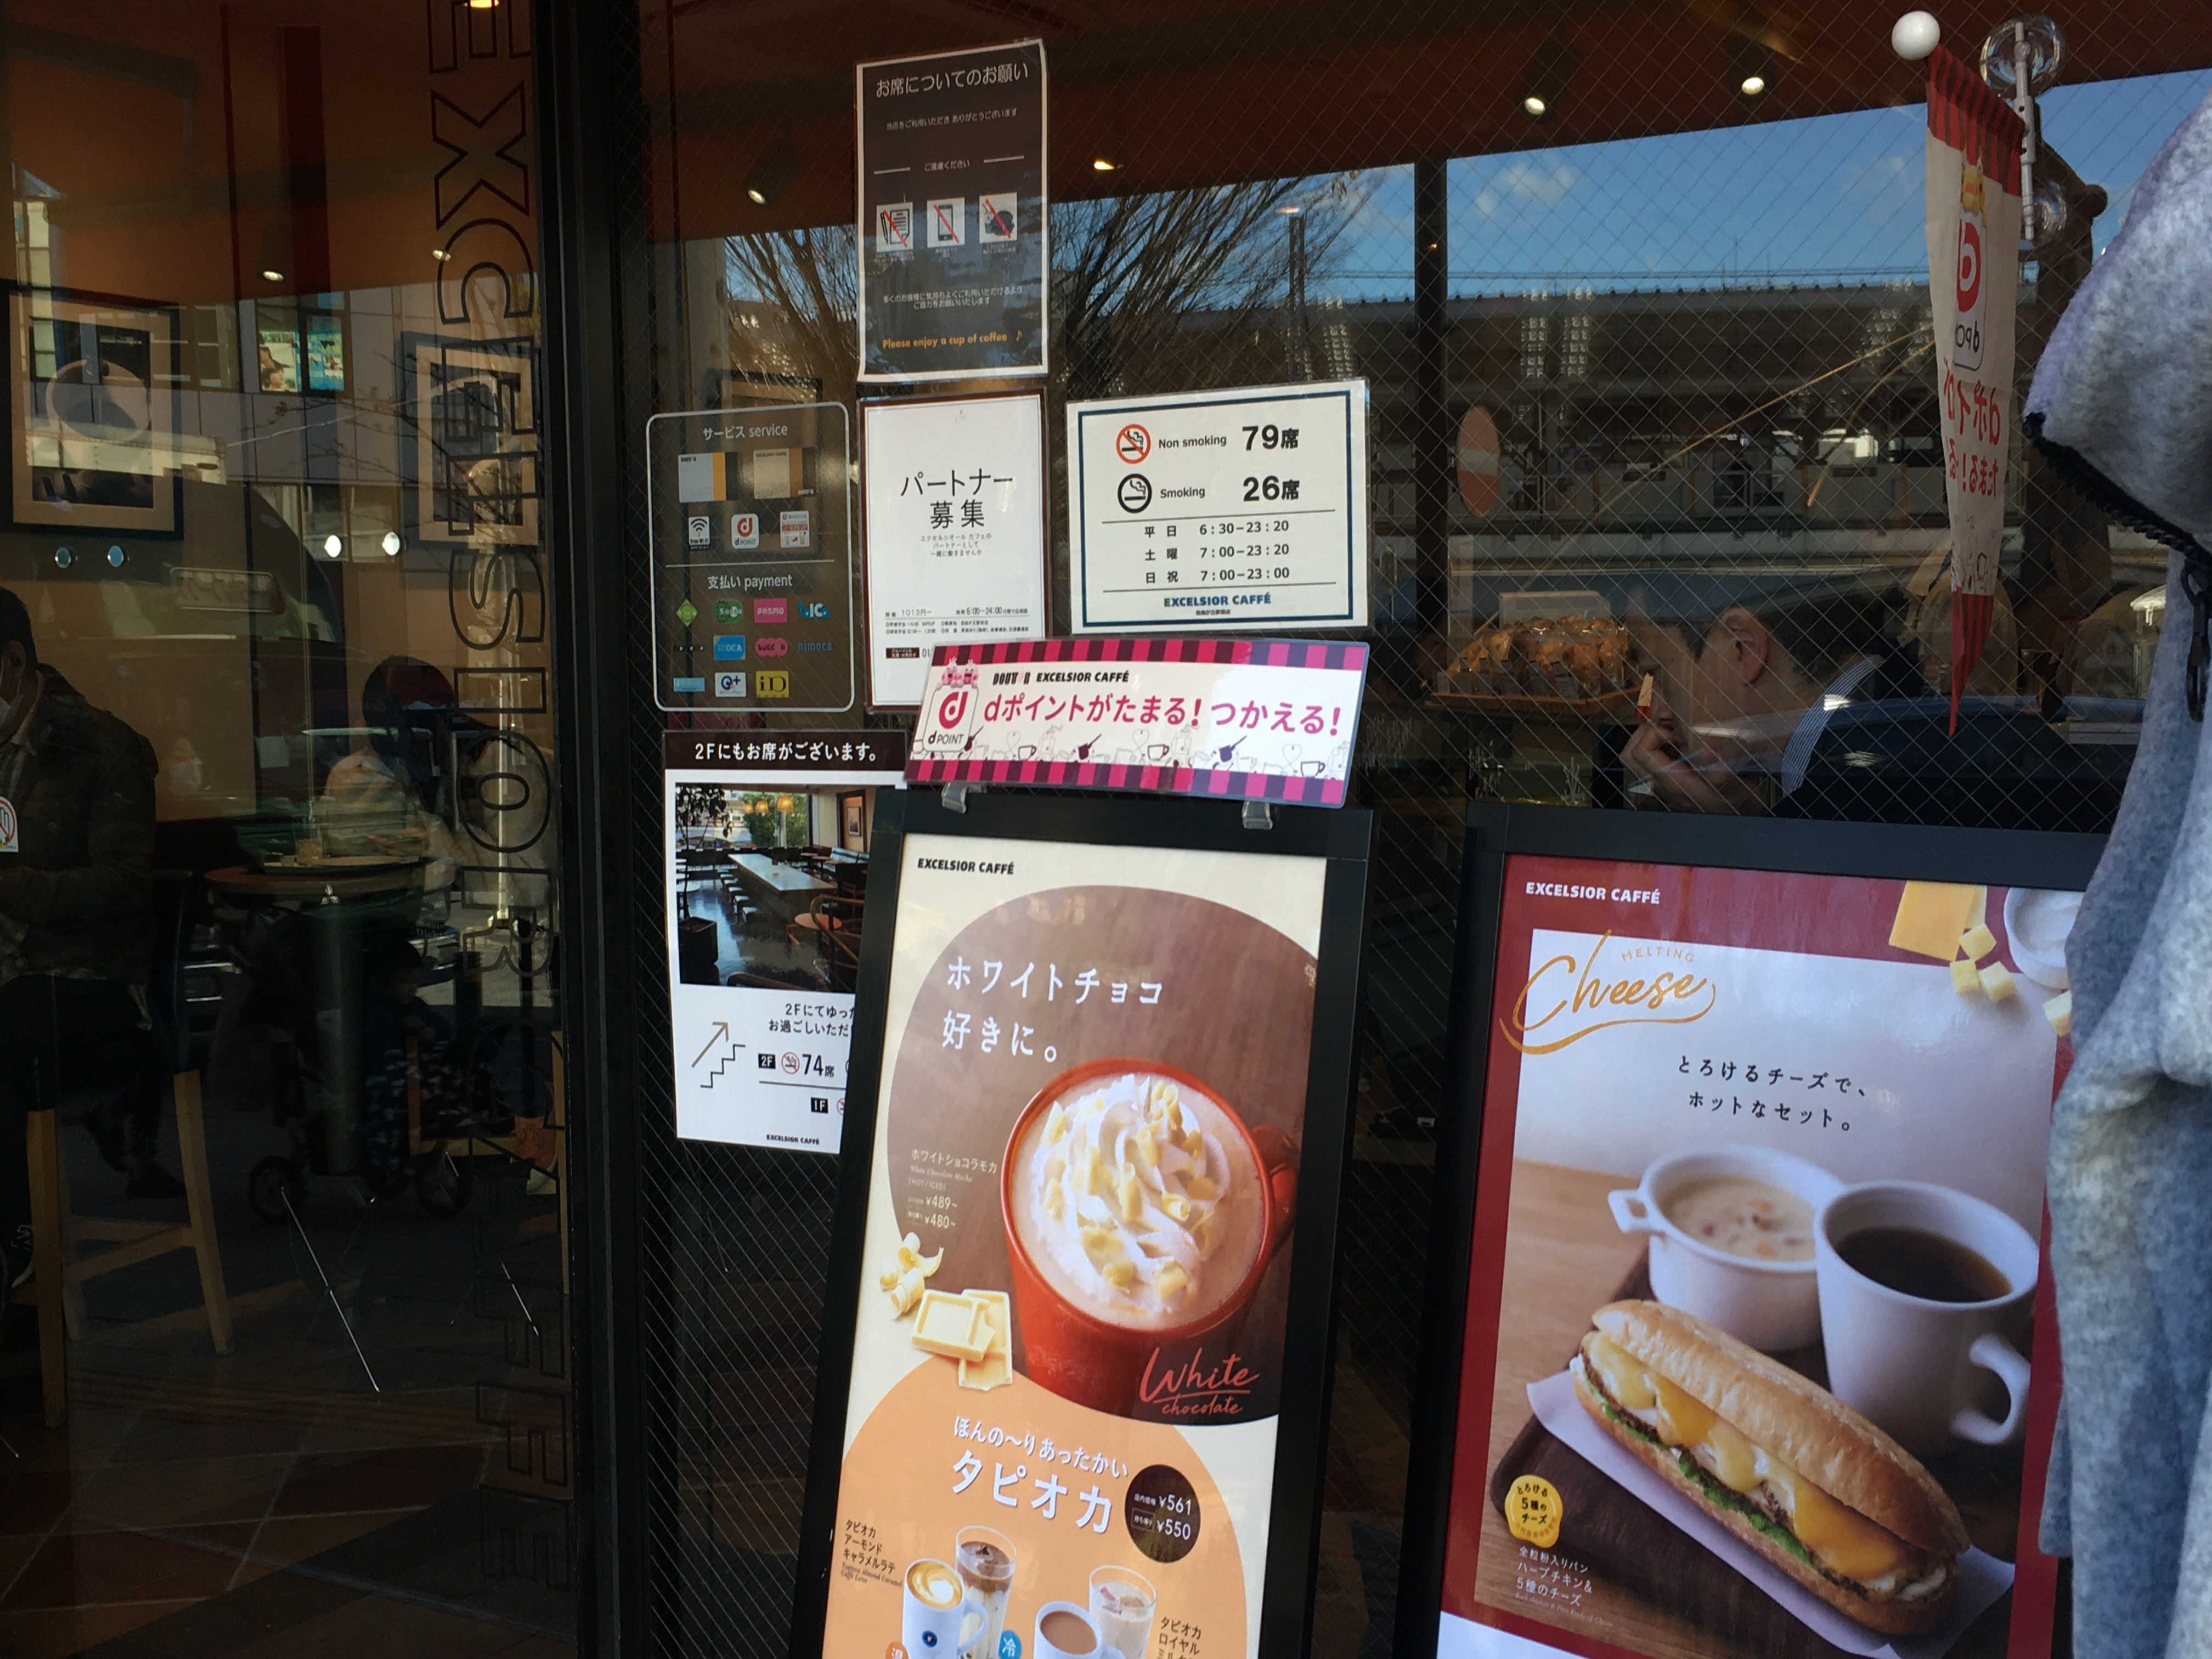 エクセルシオールカフェ,自由が丘駅前店,コーヒー,喫煙可